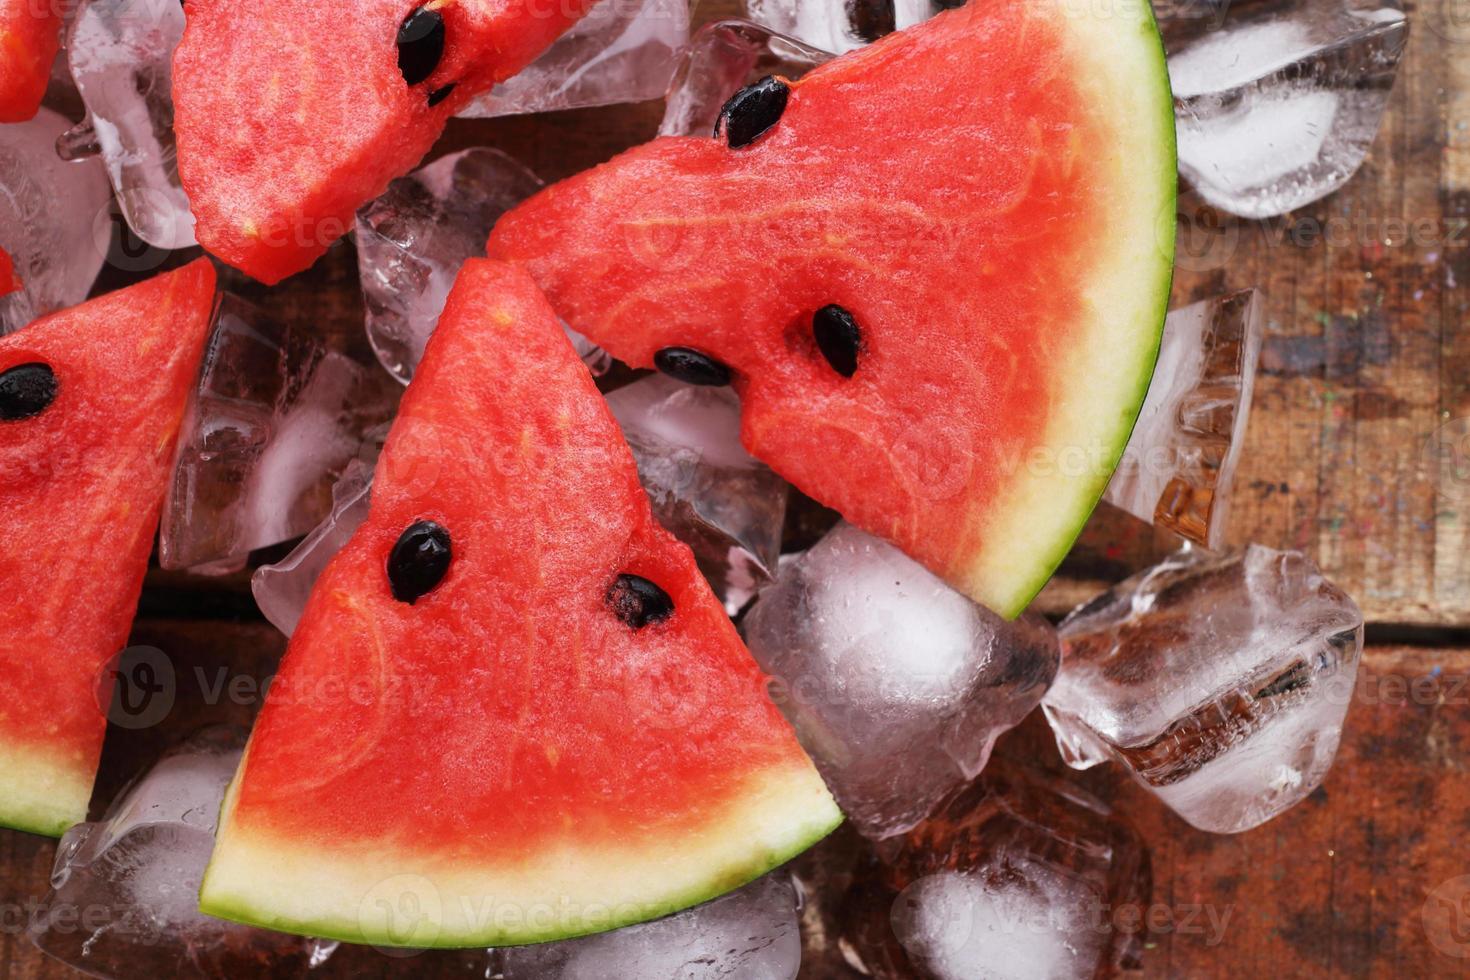 vattenmelon popsicle yummy färsk sommar frukt söta efterrätt foto